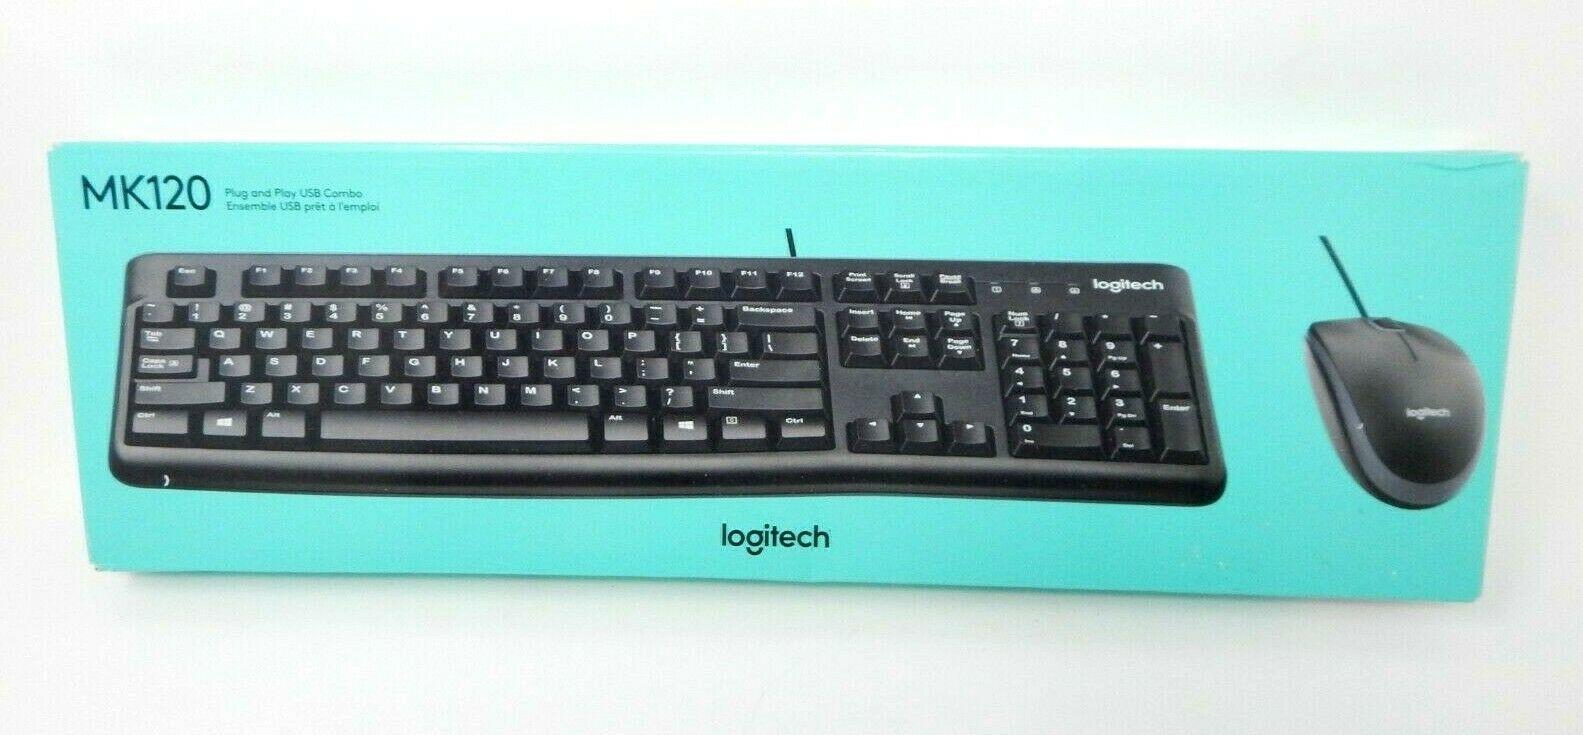 logitech mk120 desktop mouse and keyboard combo 920 002565 keyboard mouse bundles. Black Bedroom Furniture Sets. Home Design Ideas